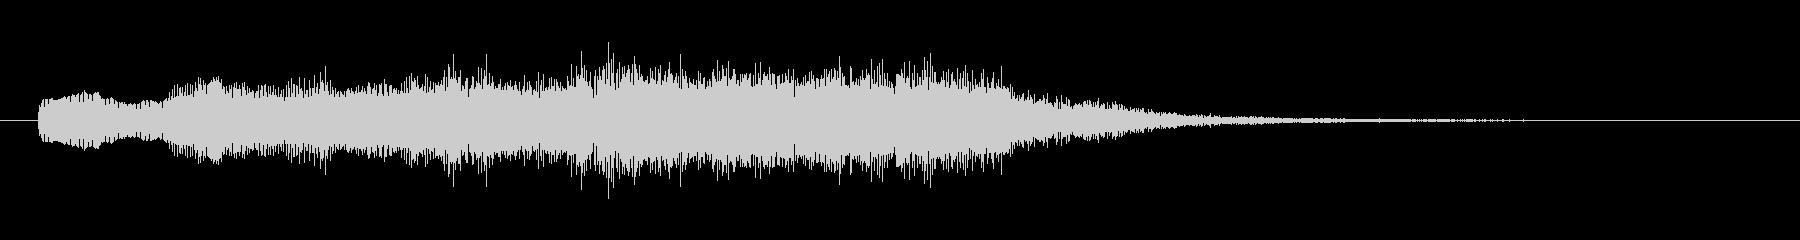 壮大なシンセサイザーコーラスのSE03の未再生の波形